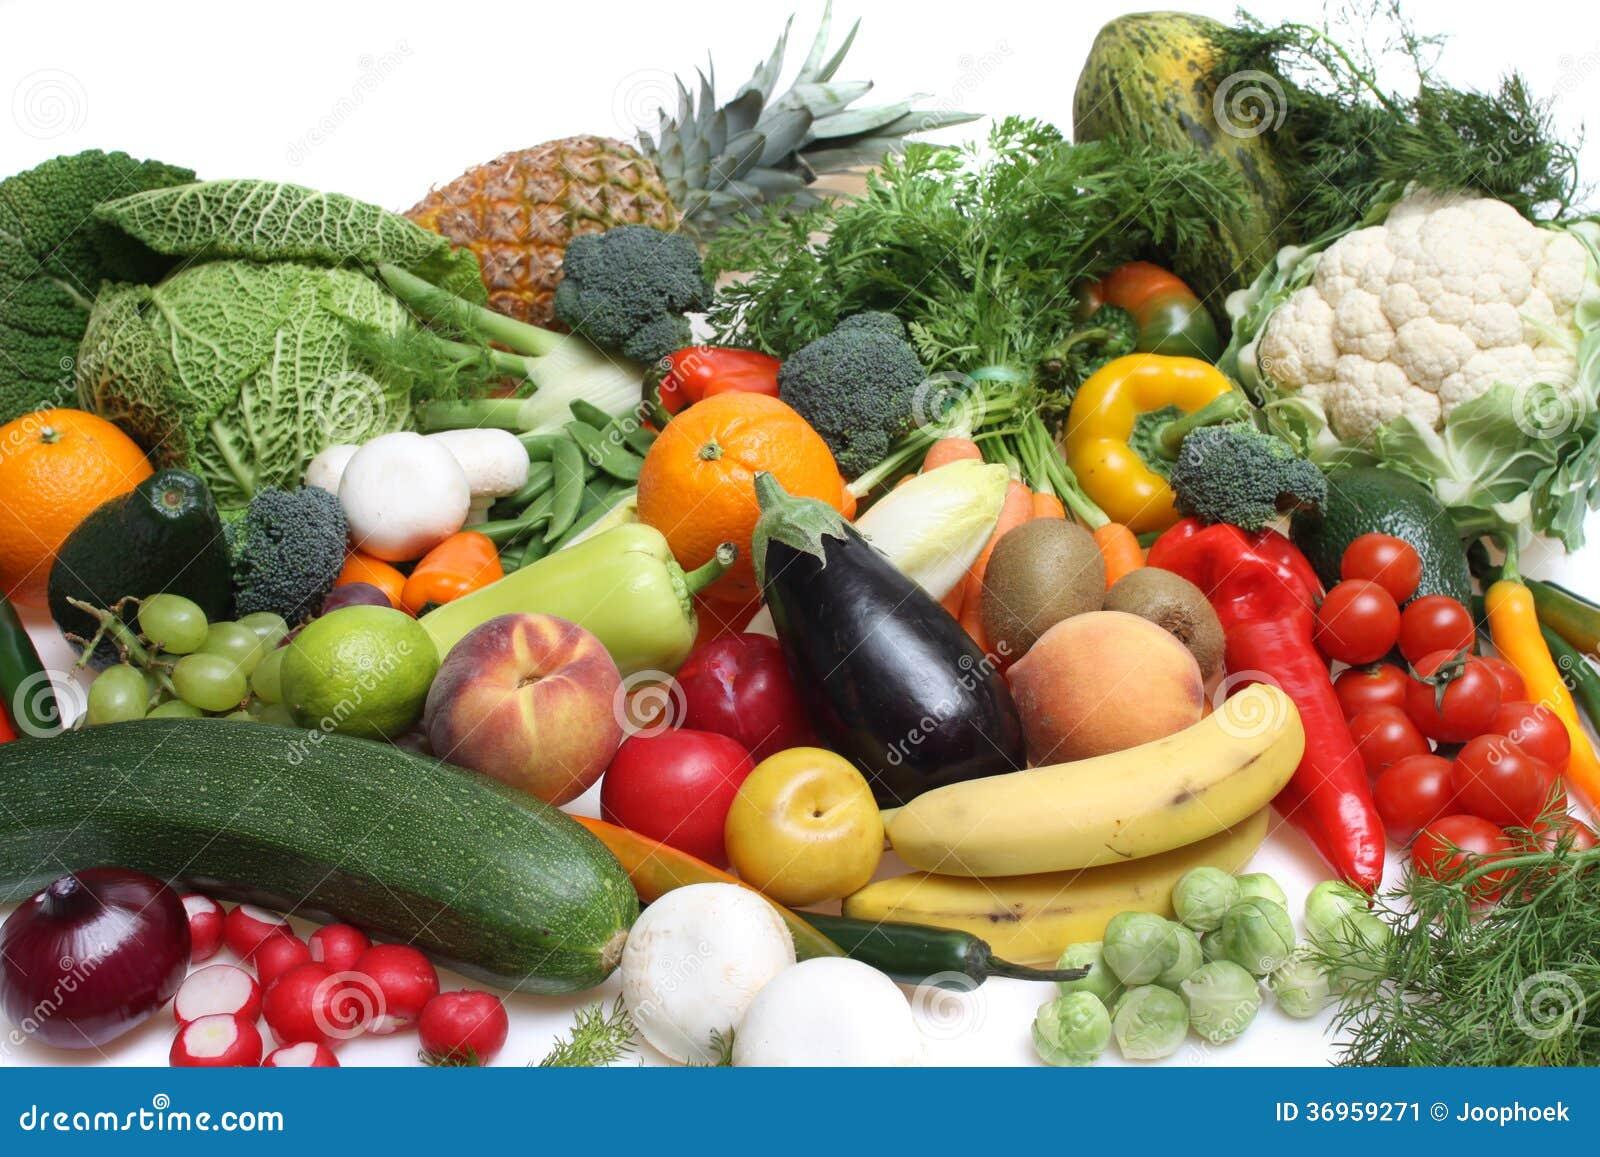 Composition des fruits et l gumes image stock image 36959271 - Fruits et legumes de a a z ...